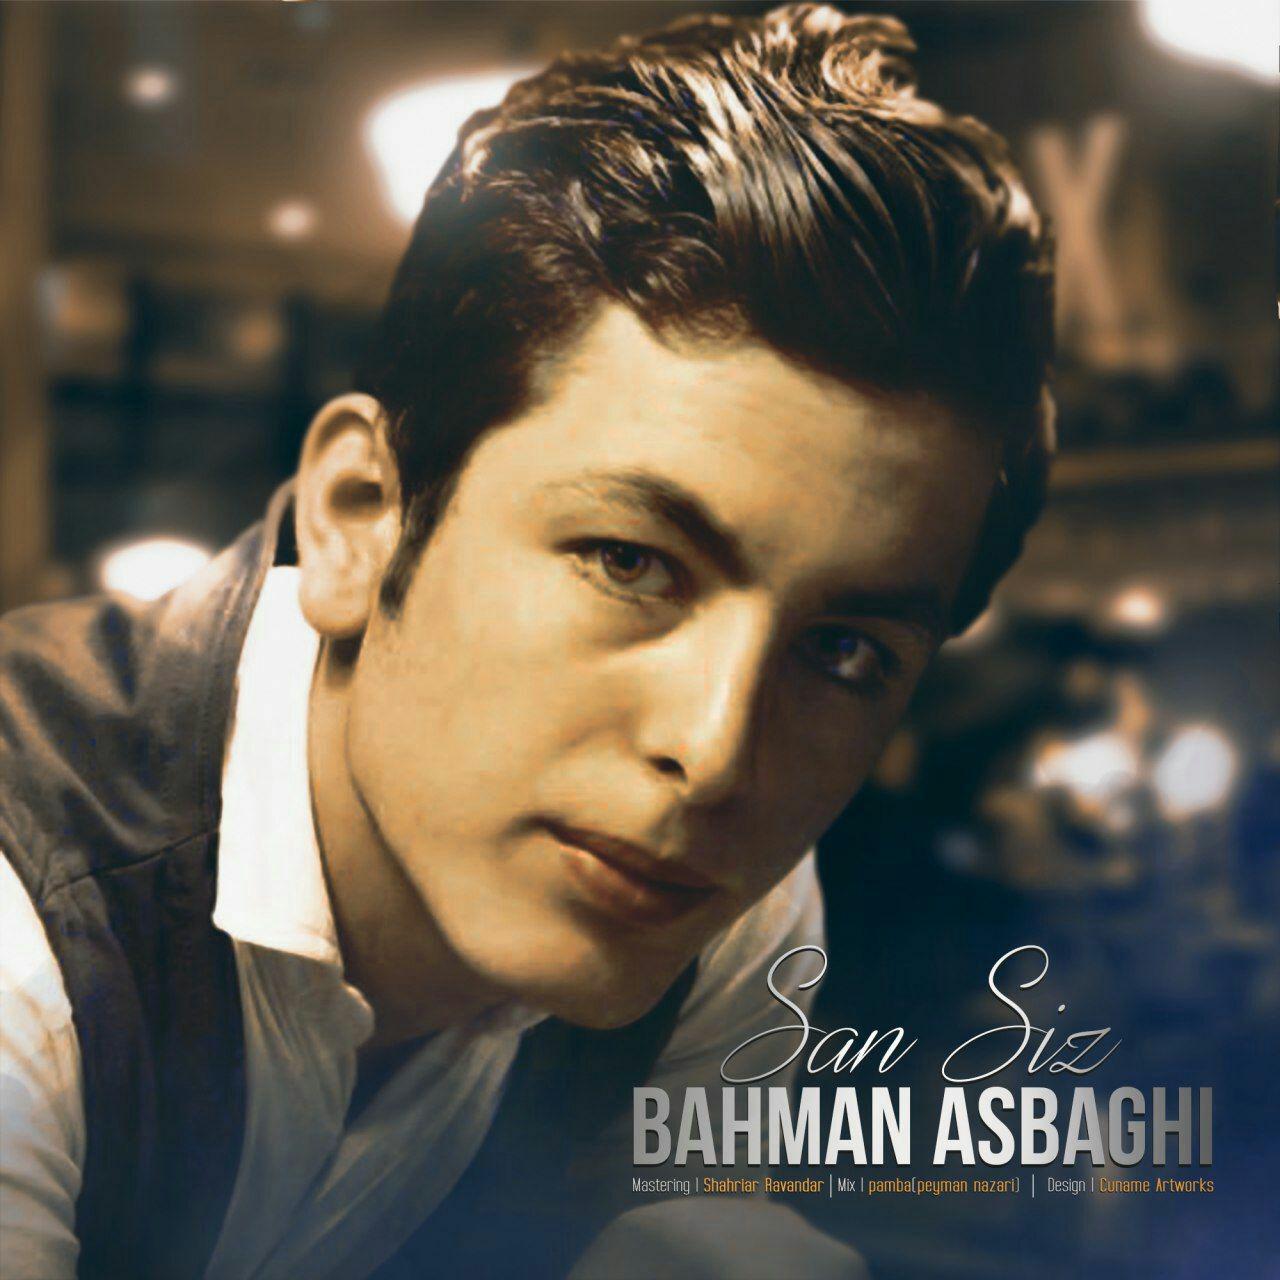 دانلود آهنگ جدید بهمن اسبقی به نام سن سیز